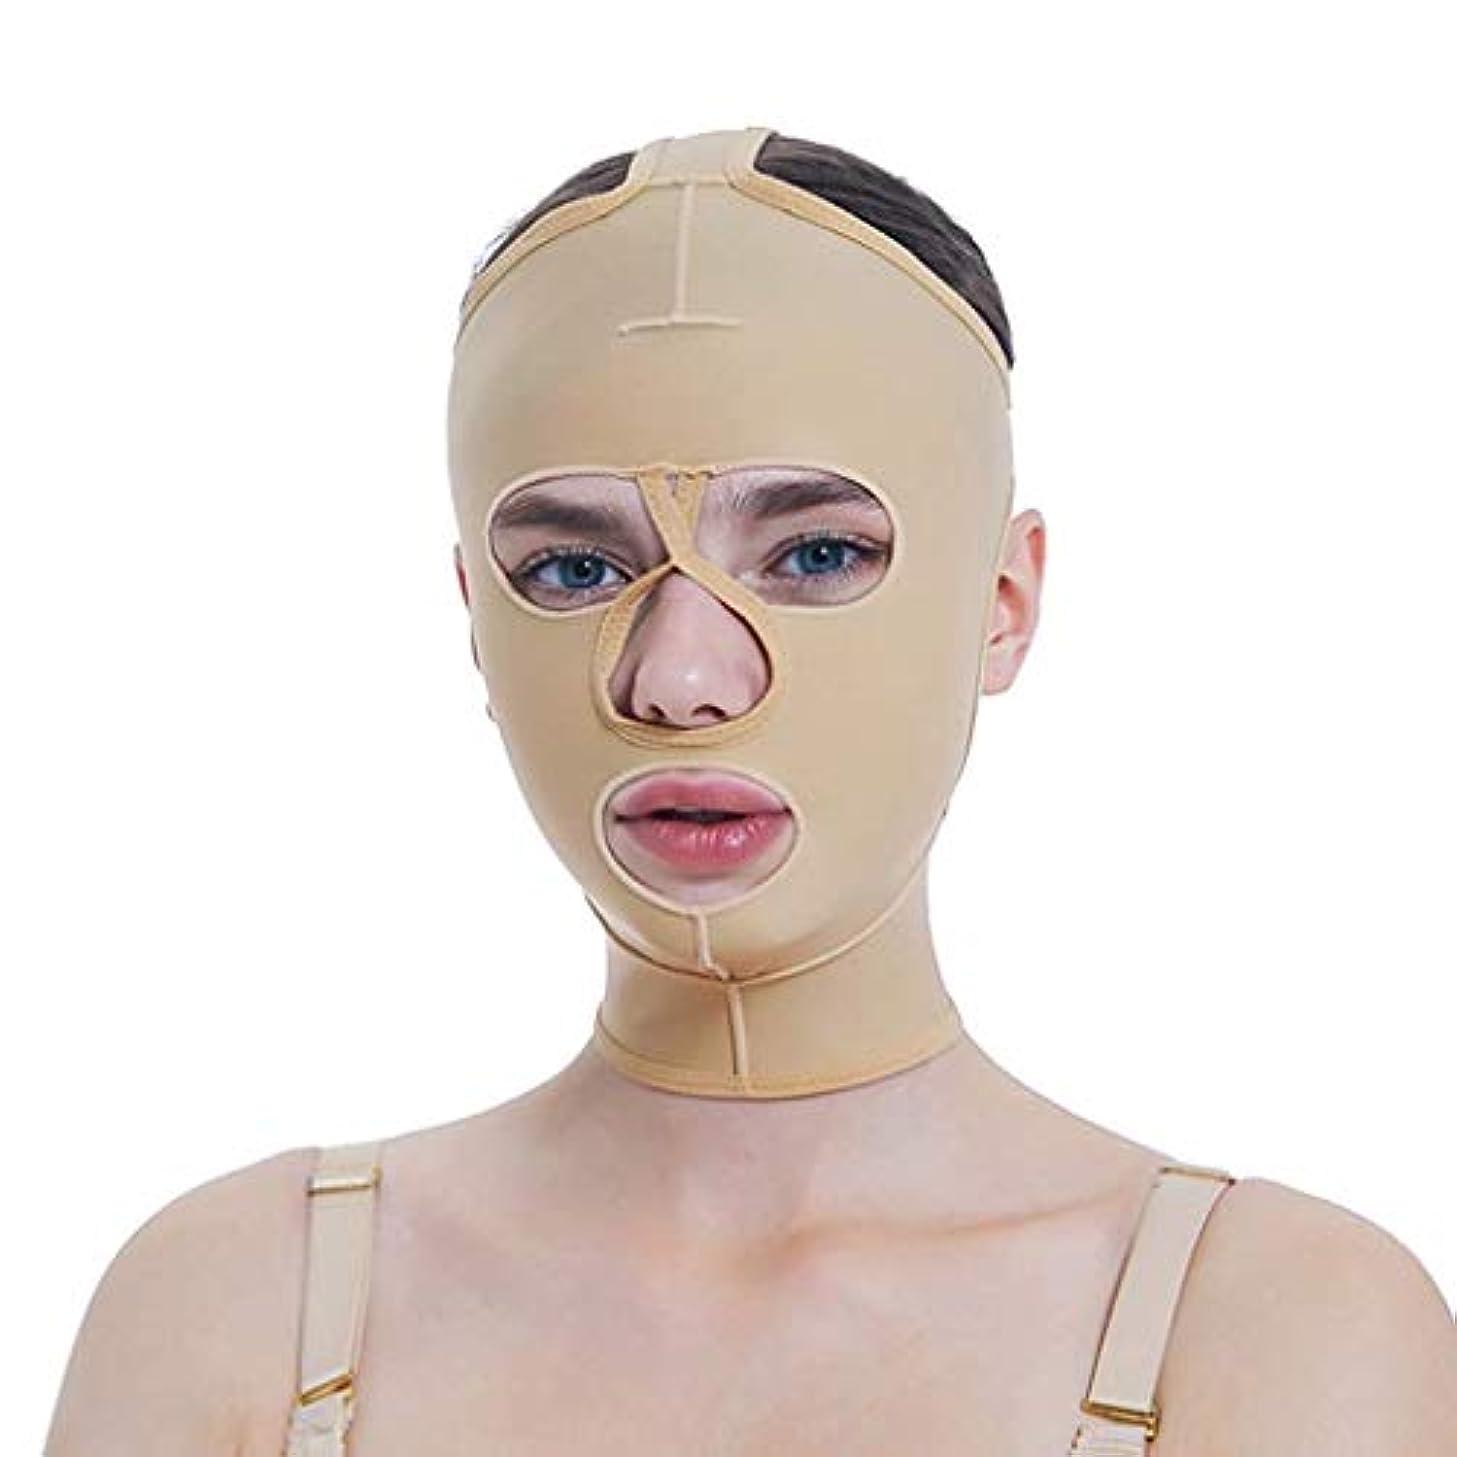 すみませんソフトウェア特権脂肪吸引術用成形マスク、薄い顔のかつらV顔のビーム顔の弾性スリーブマルチサイズオプション(サイズ:XXL)